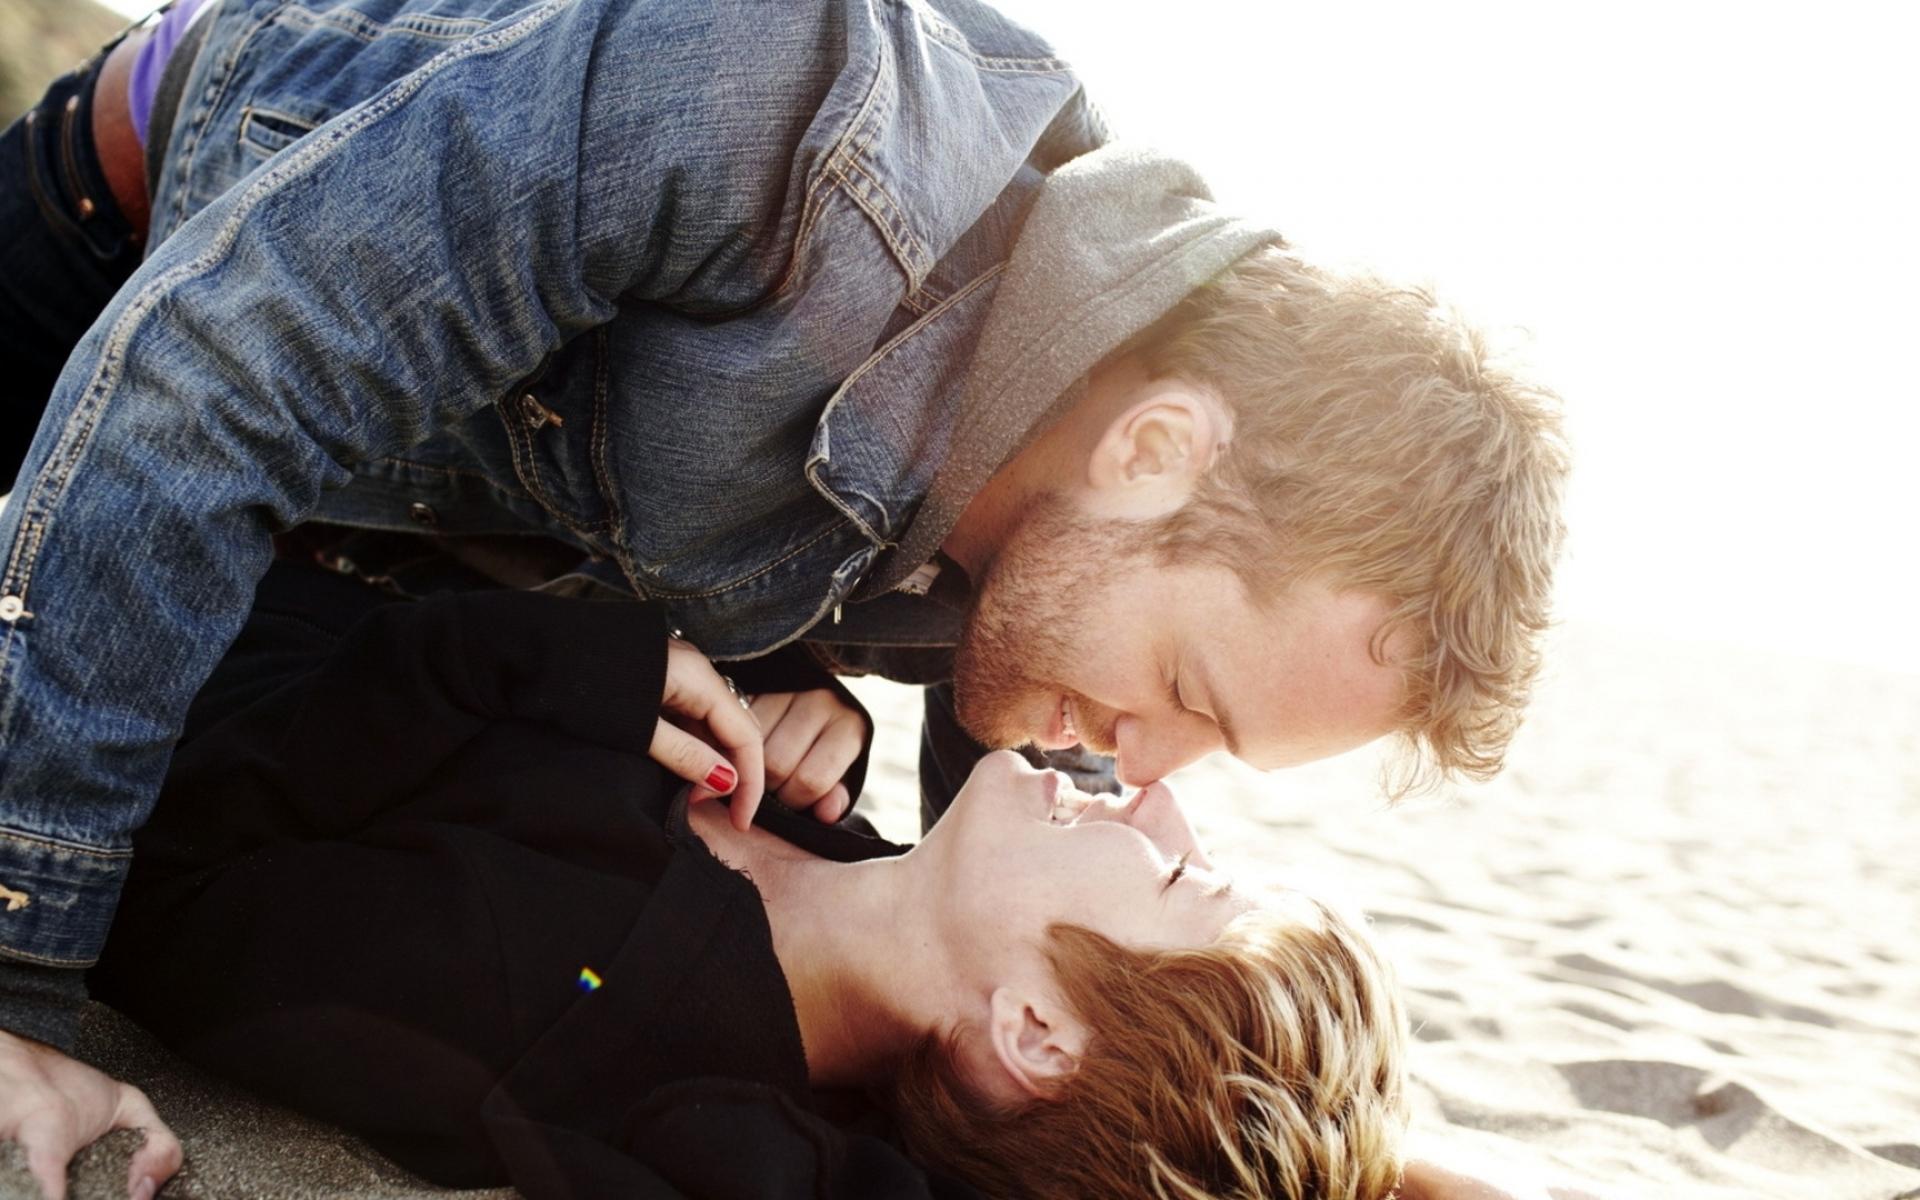 Картинки Пара, девушка, парень, мягкий, поцелуй фото и обои на рабочий стол